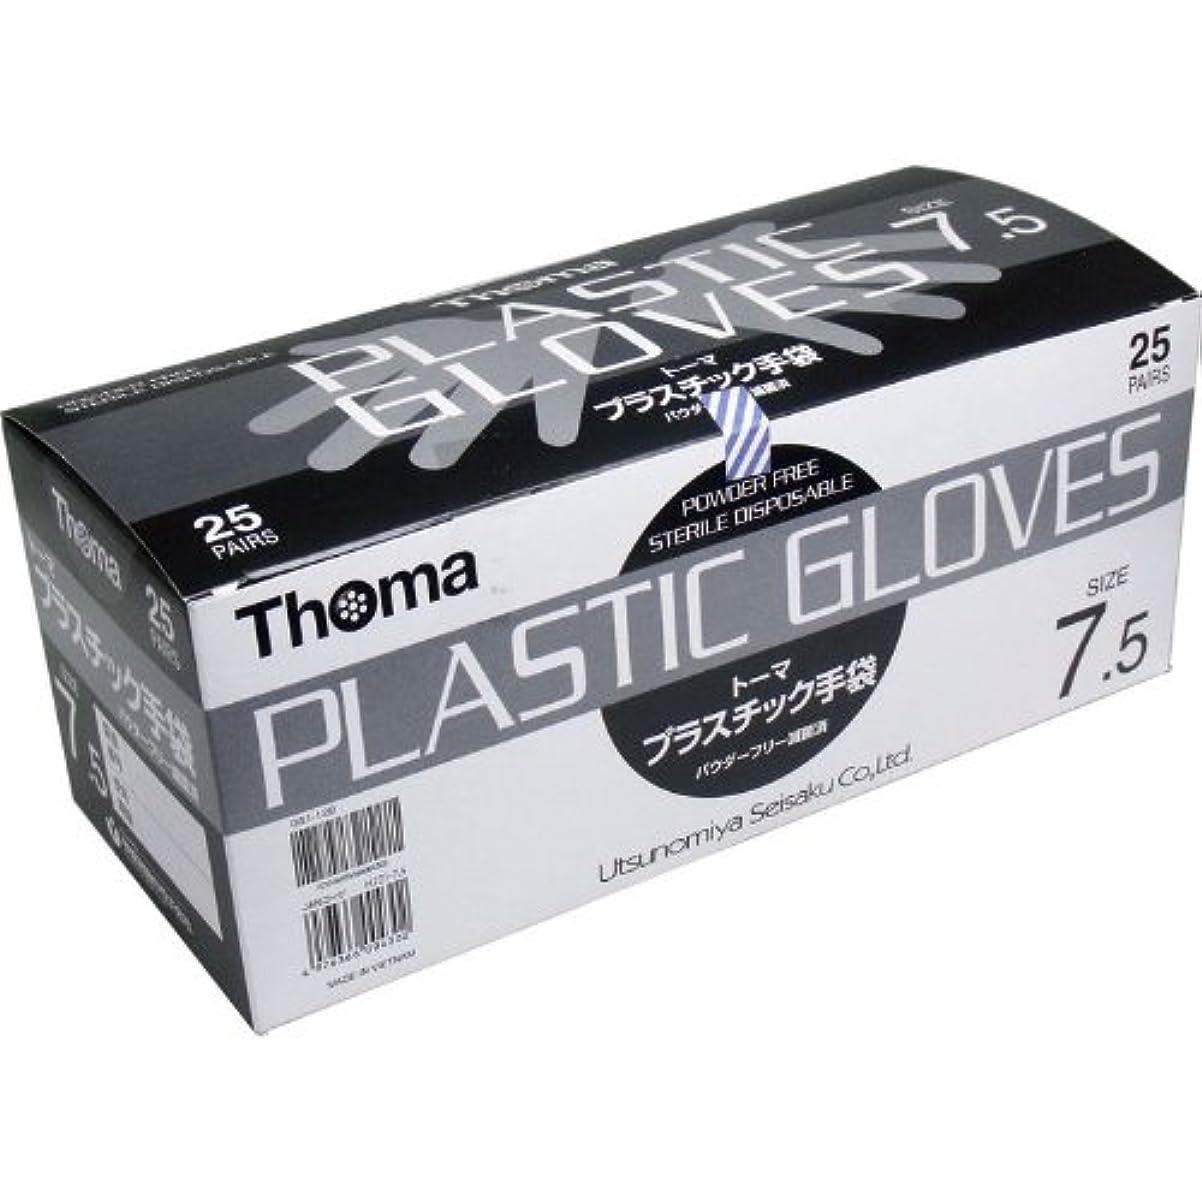 ミネラルわずかなトランジスタパウダーフリー手袋 1双毎に滅菌包装、衛生的 便利 トーマ プラスチック手袋 パウダーフリー滅菌済 25双入 サイズ7.5